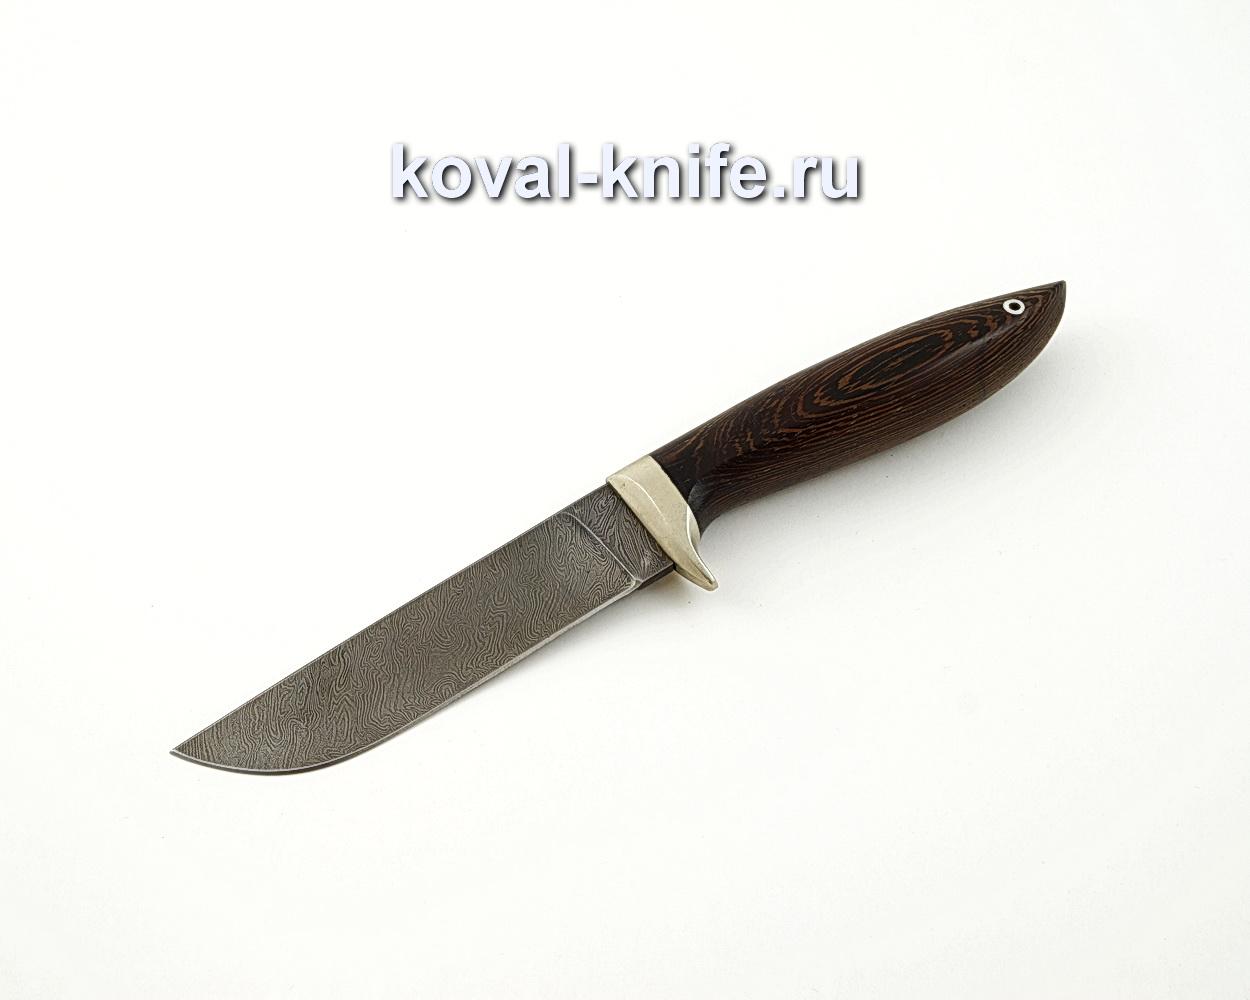 Нож Белка из дамасской стали с рукоятью из венге, гарда мельхиор A570